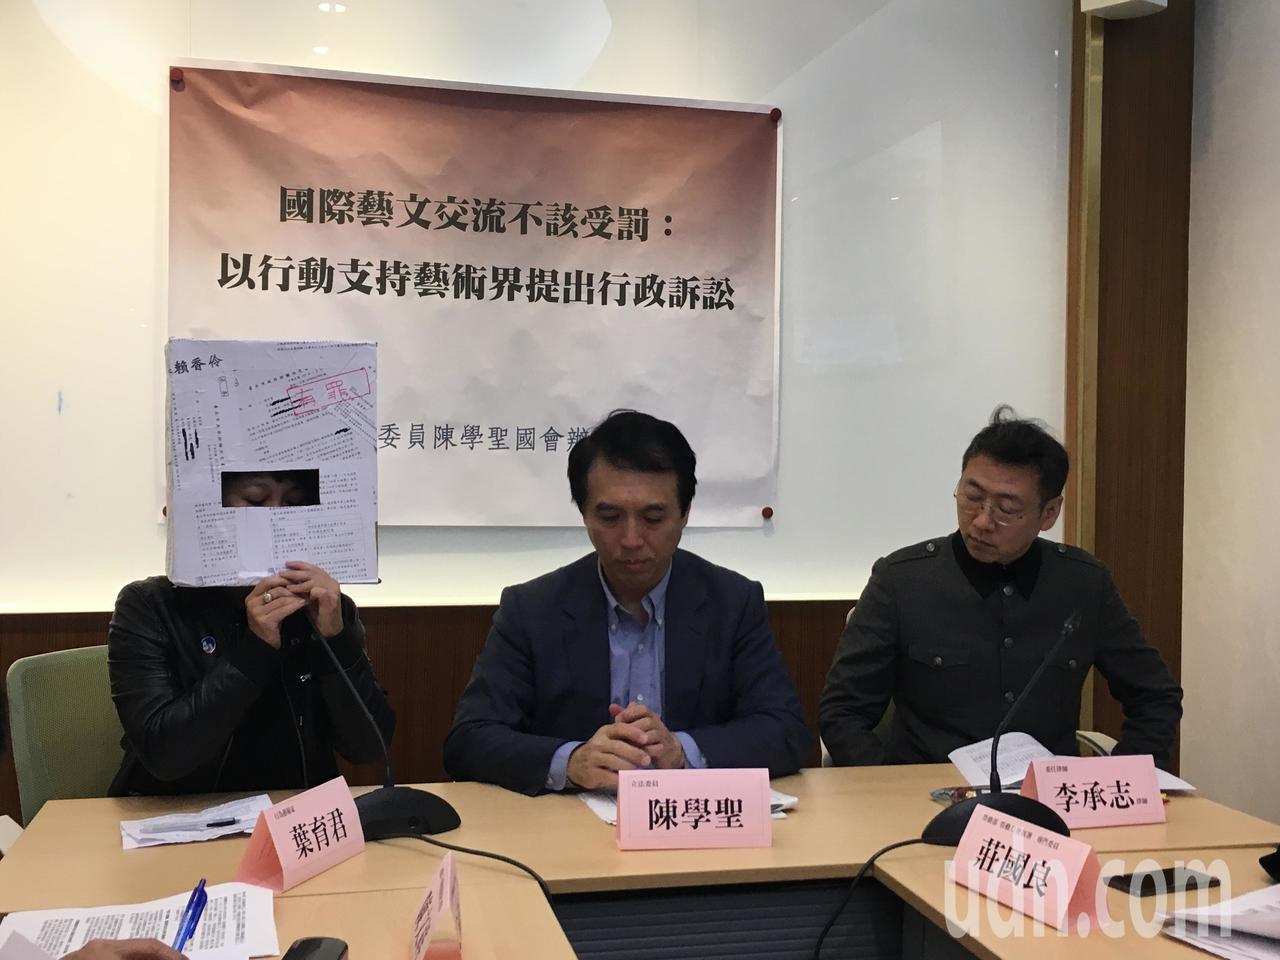 藝術界今宣告要向勞動部提起行政訴訟。記者何定照/攝影